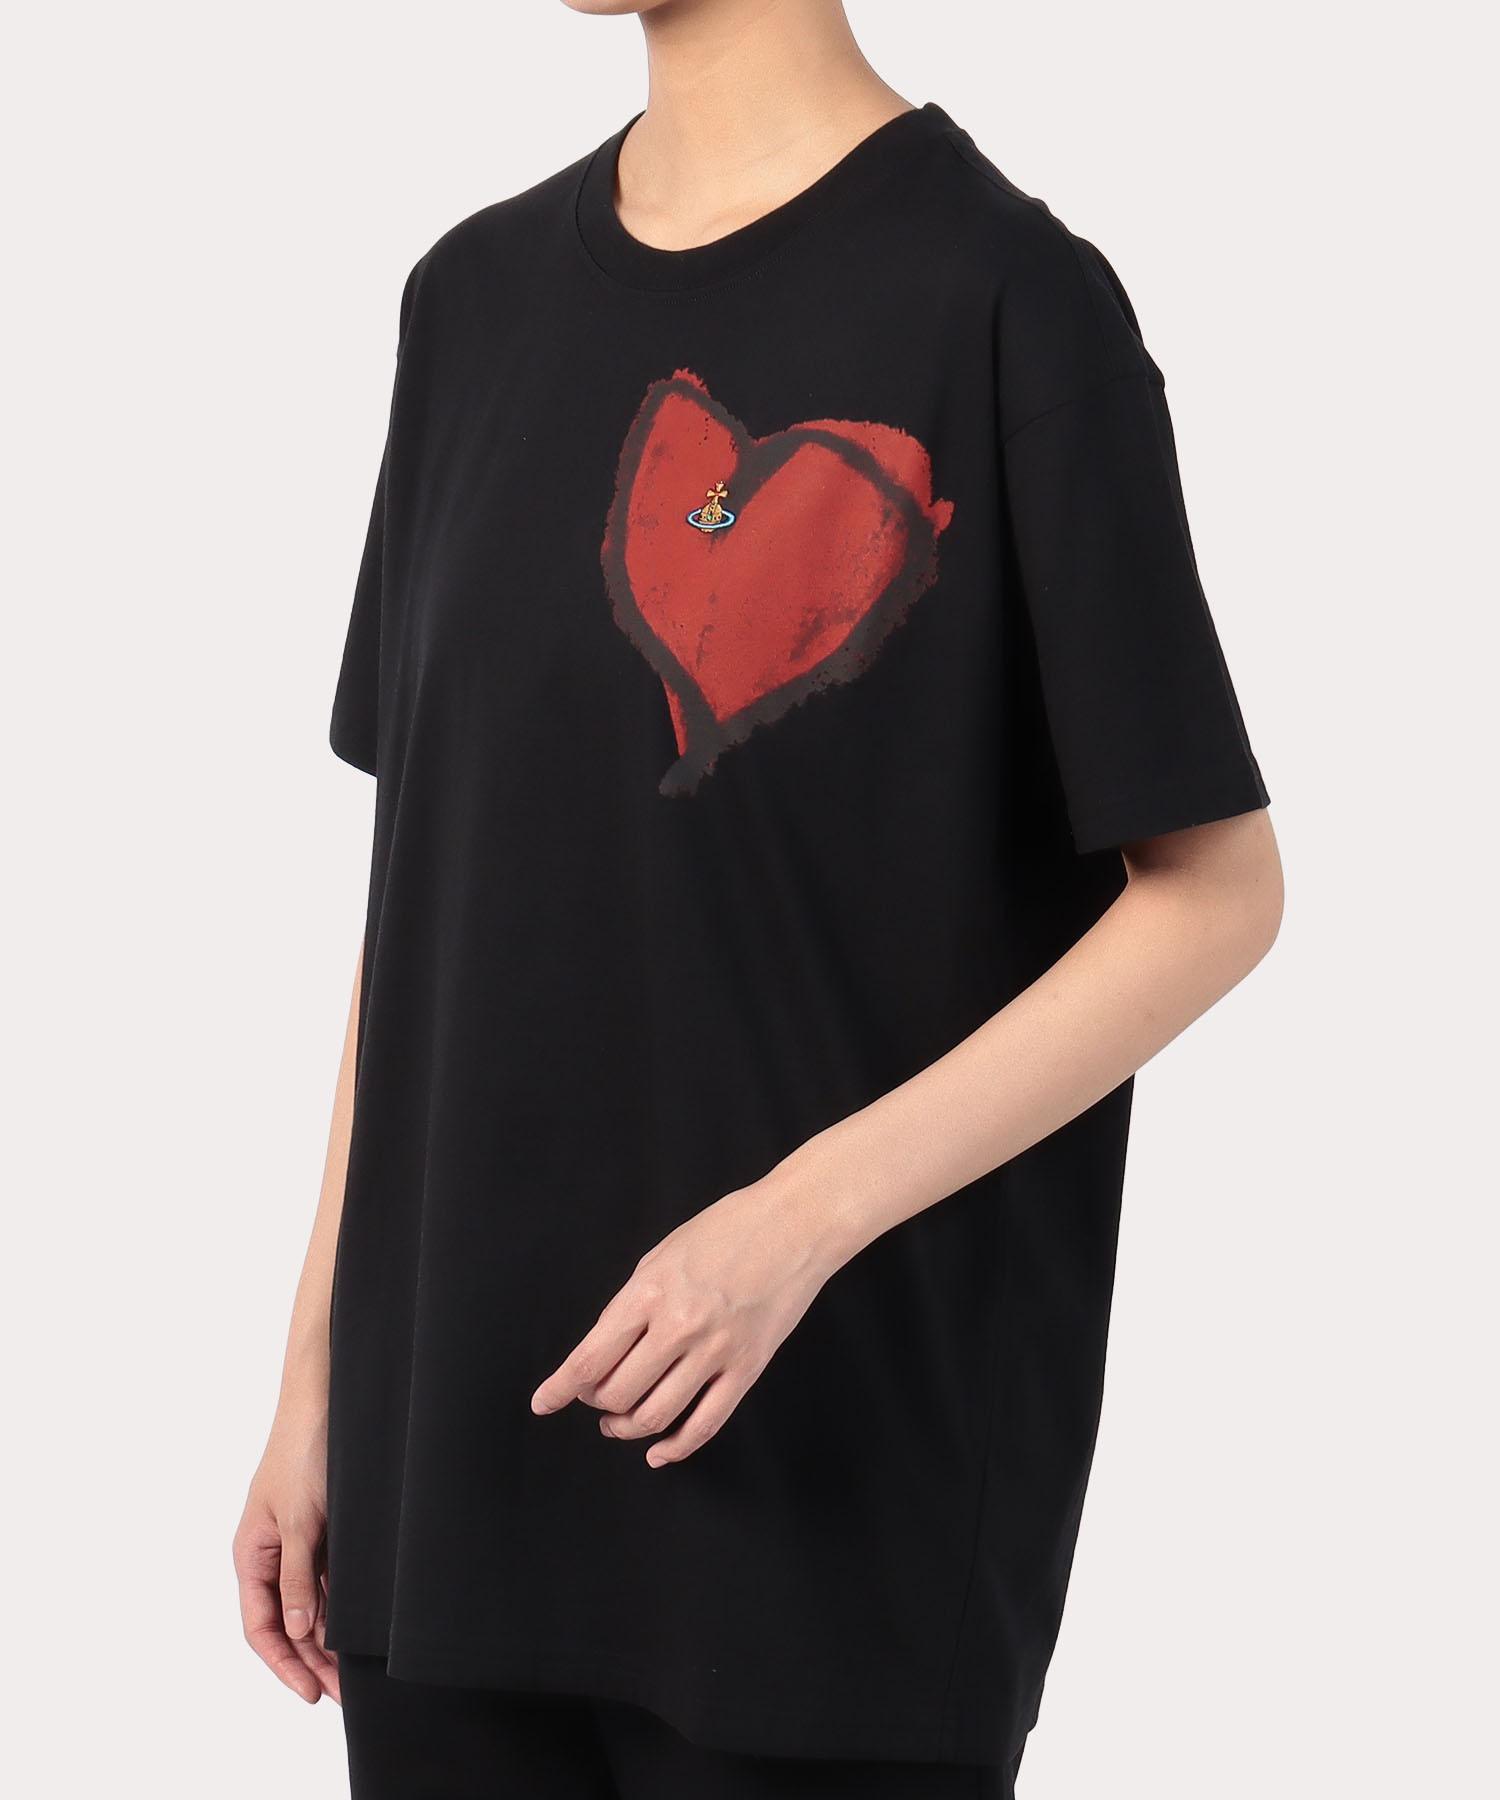 HEART CLASSIC Tシャツ